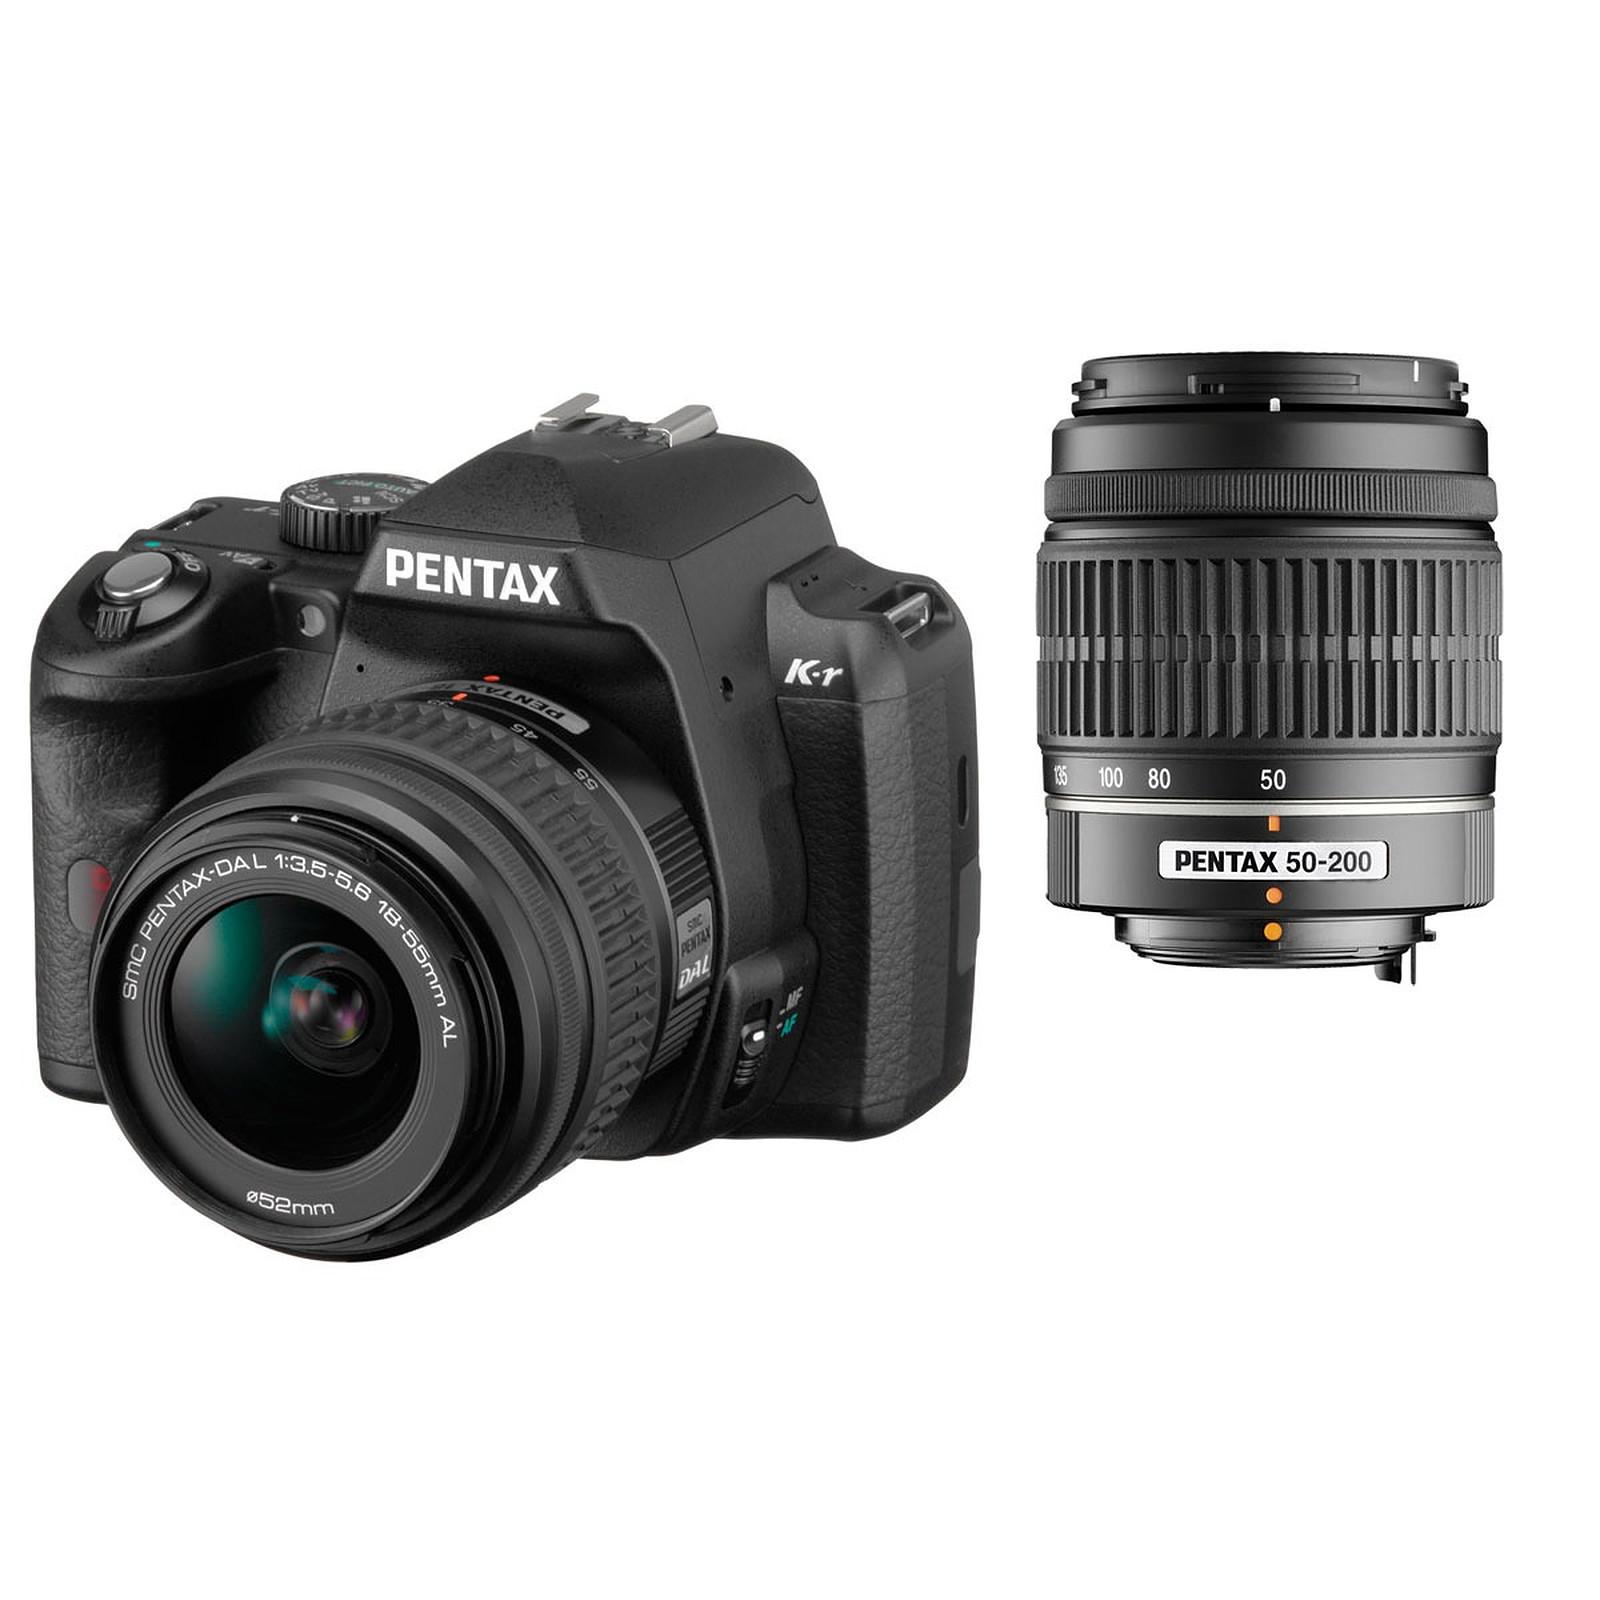 Pentax K-r + Objectif DA L 18-55mm + DA L 50-200mm Noir